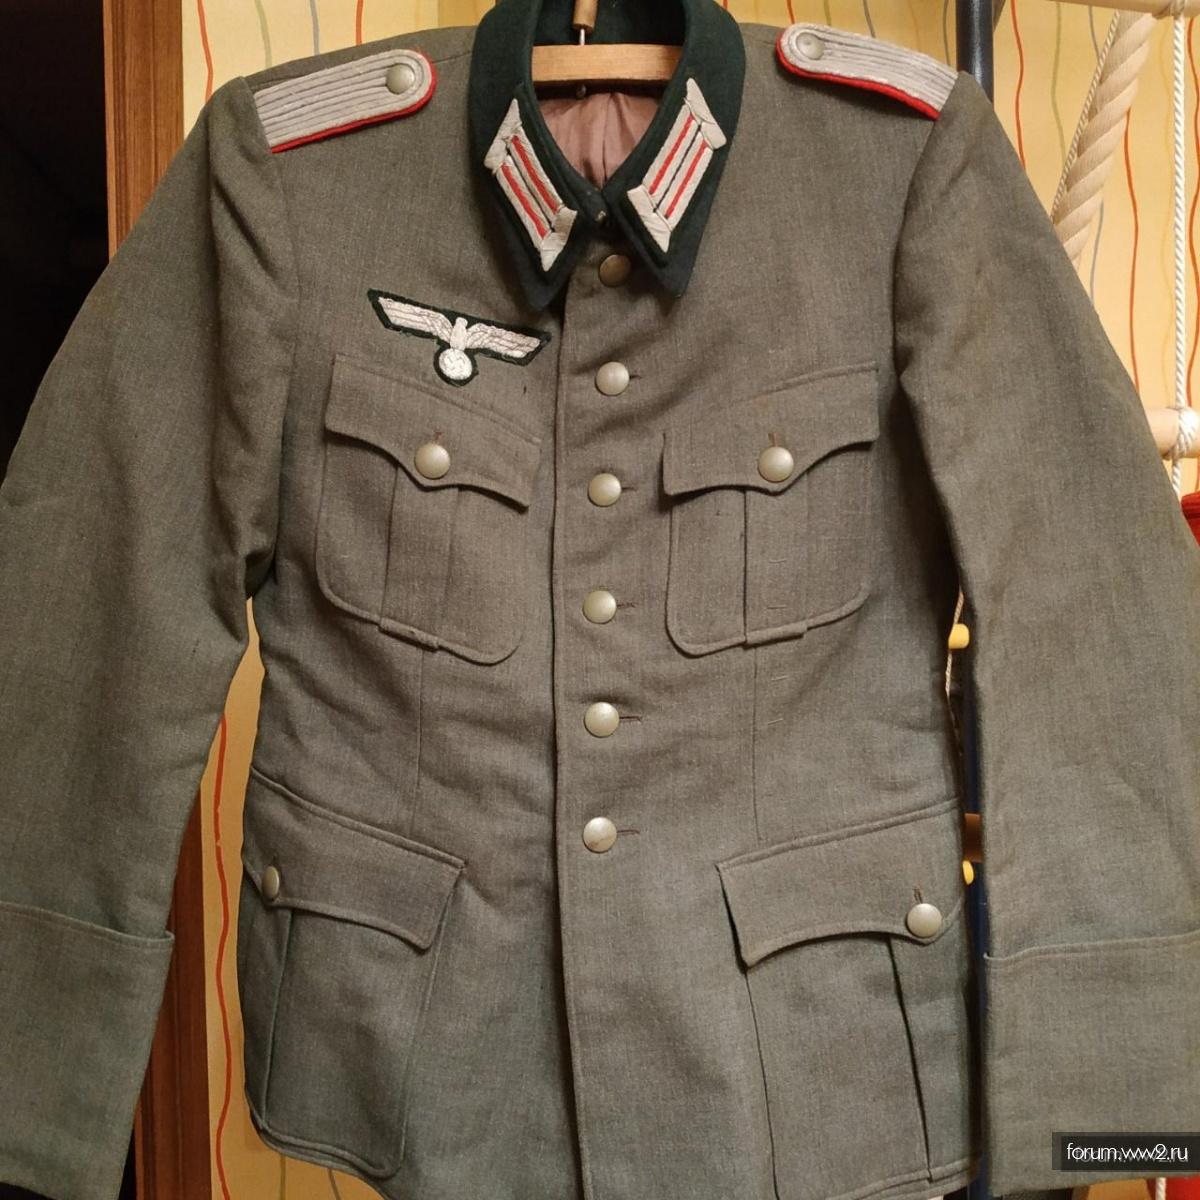 Китель офицера артиллерии WH